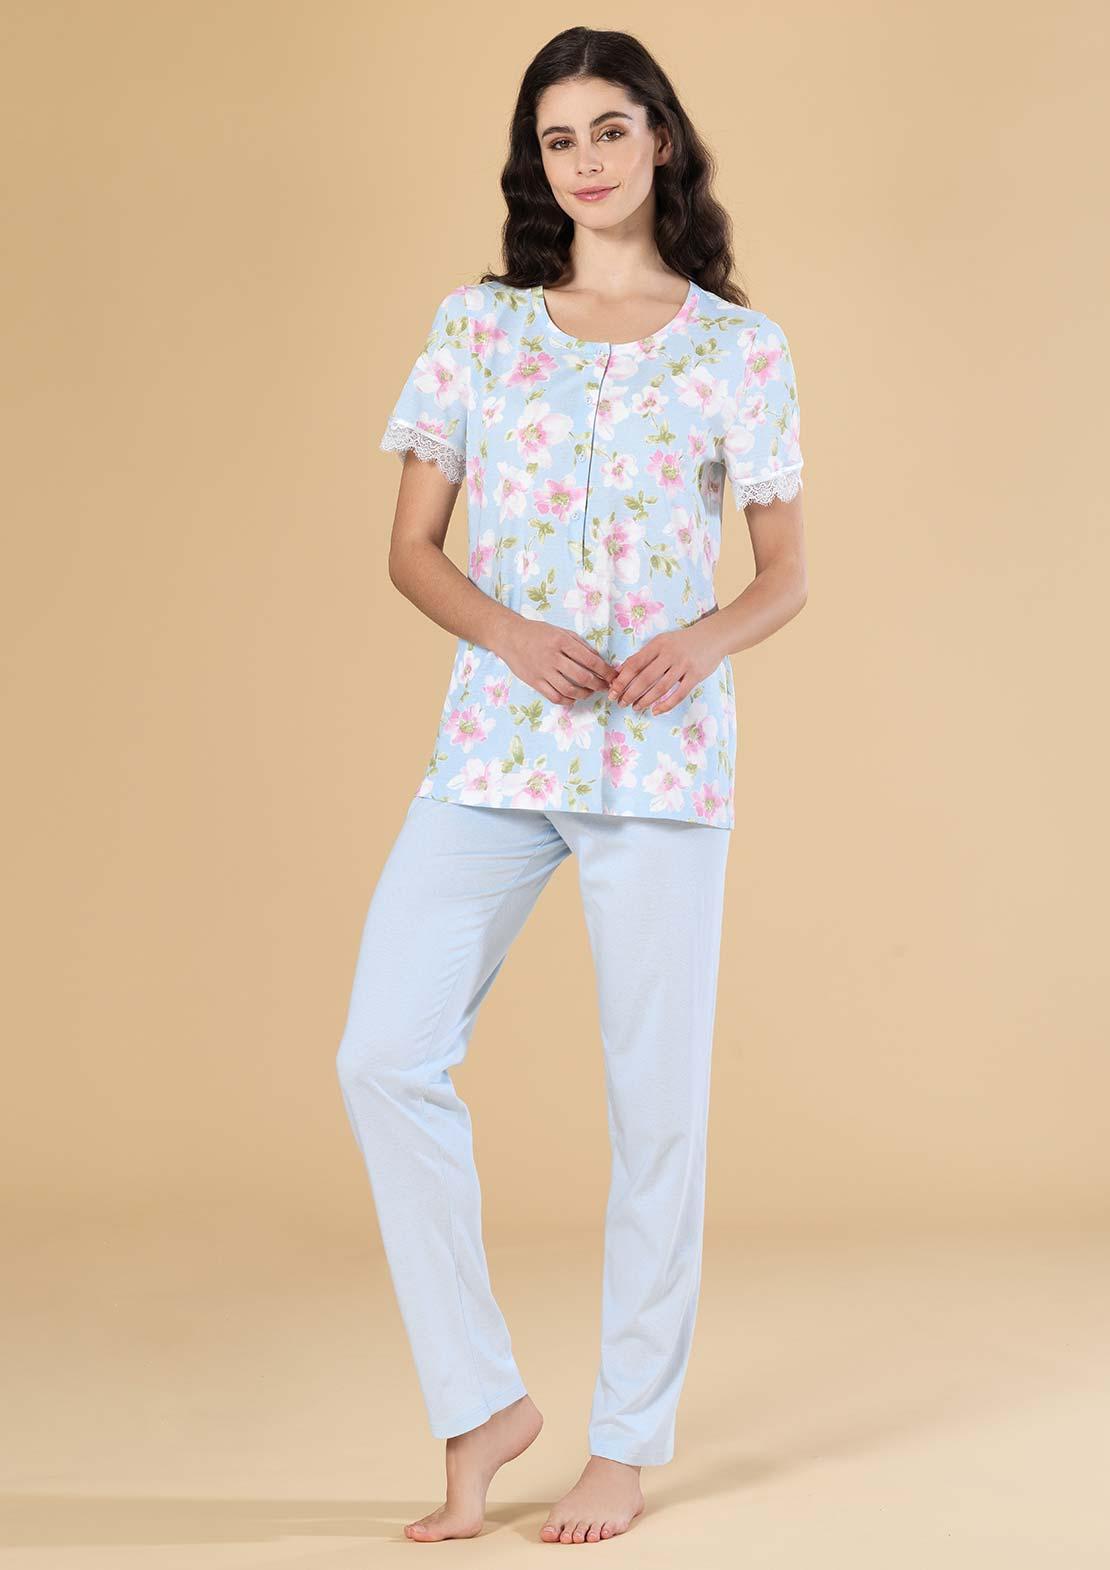 Пижама Cashmire Цвет: Голубой (56) Linclalor lin510704